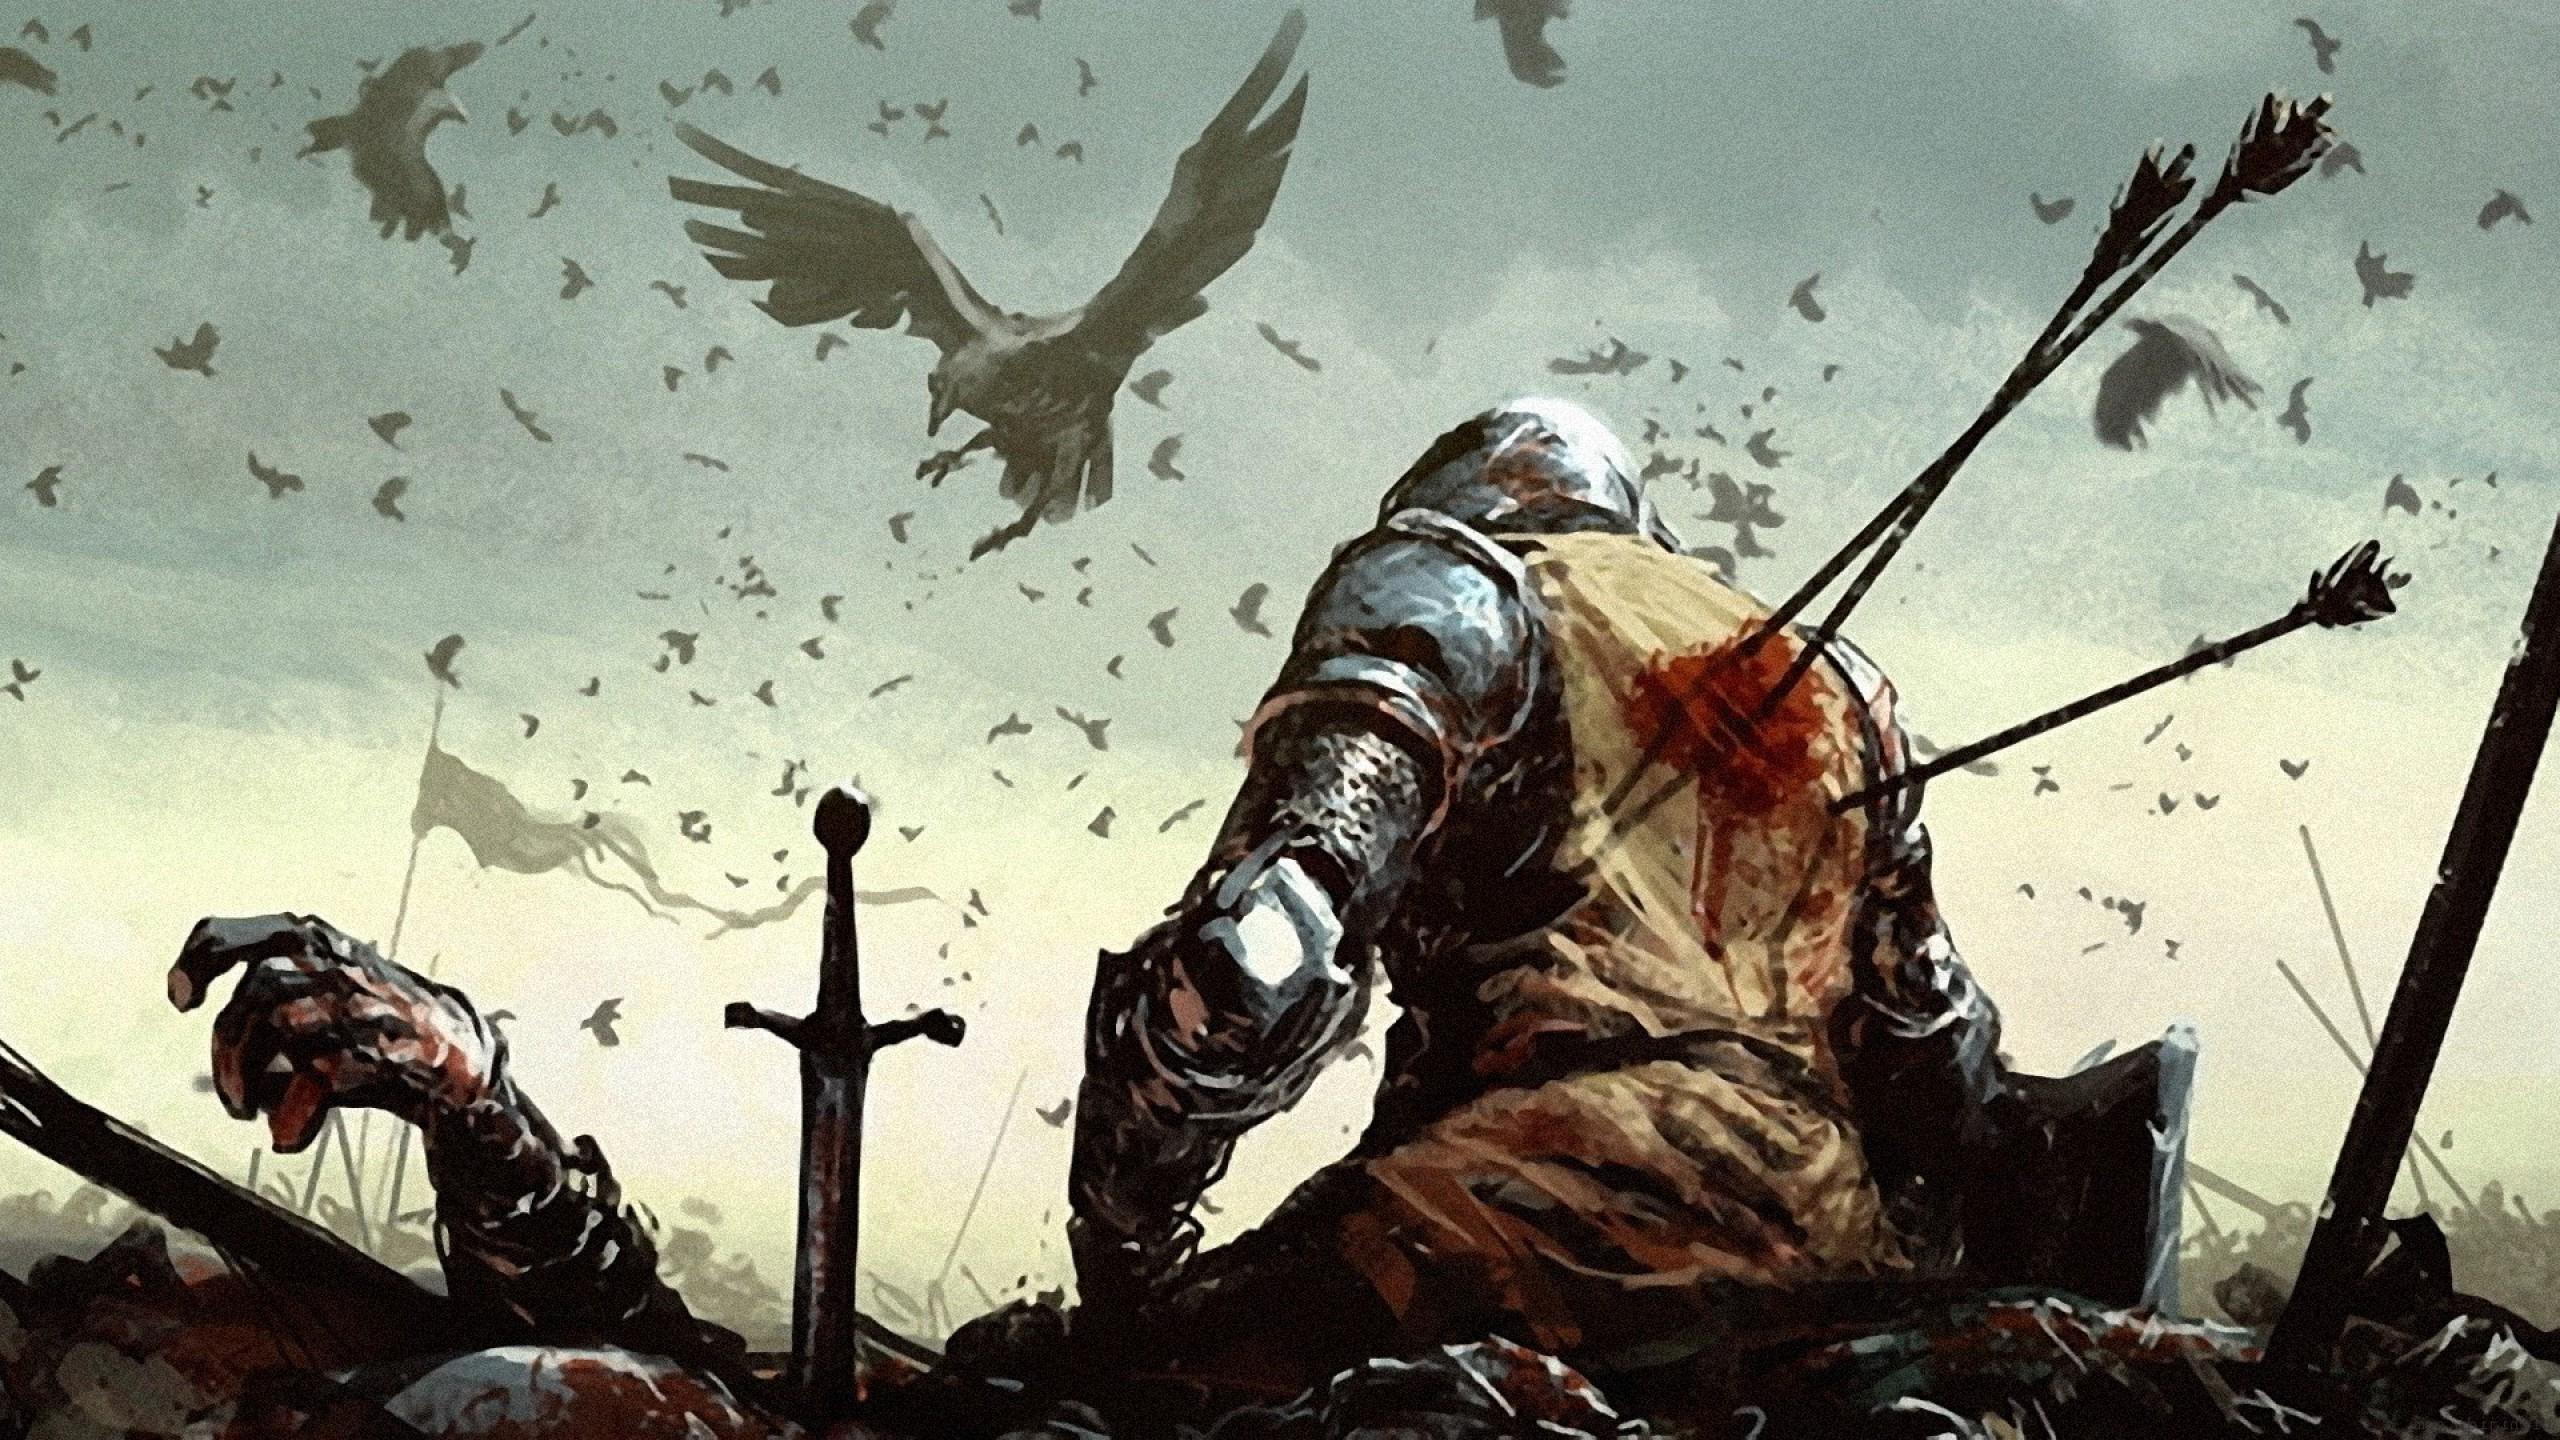 Birds Soldier Blood Warrior Medieval Battlefields Arrows Screenshot 2560x1440 Px